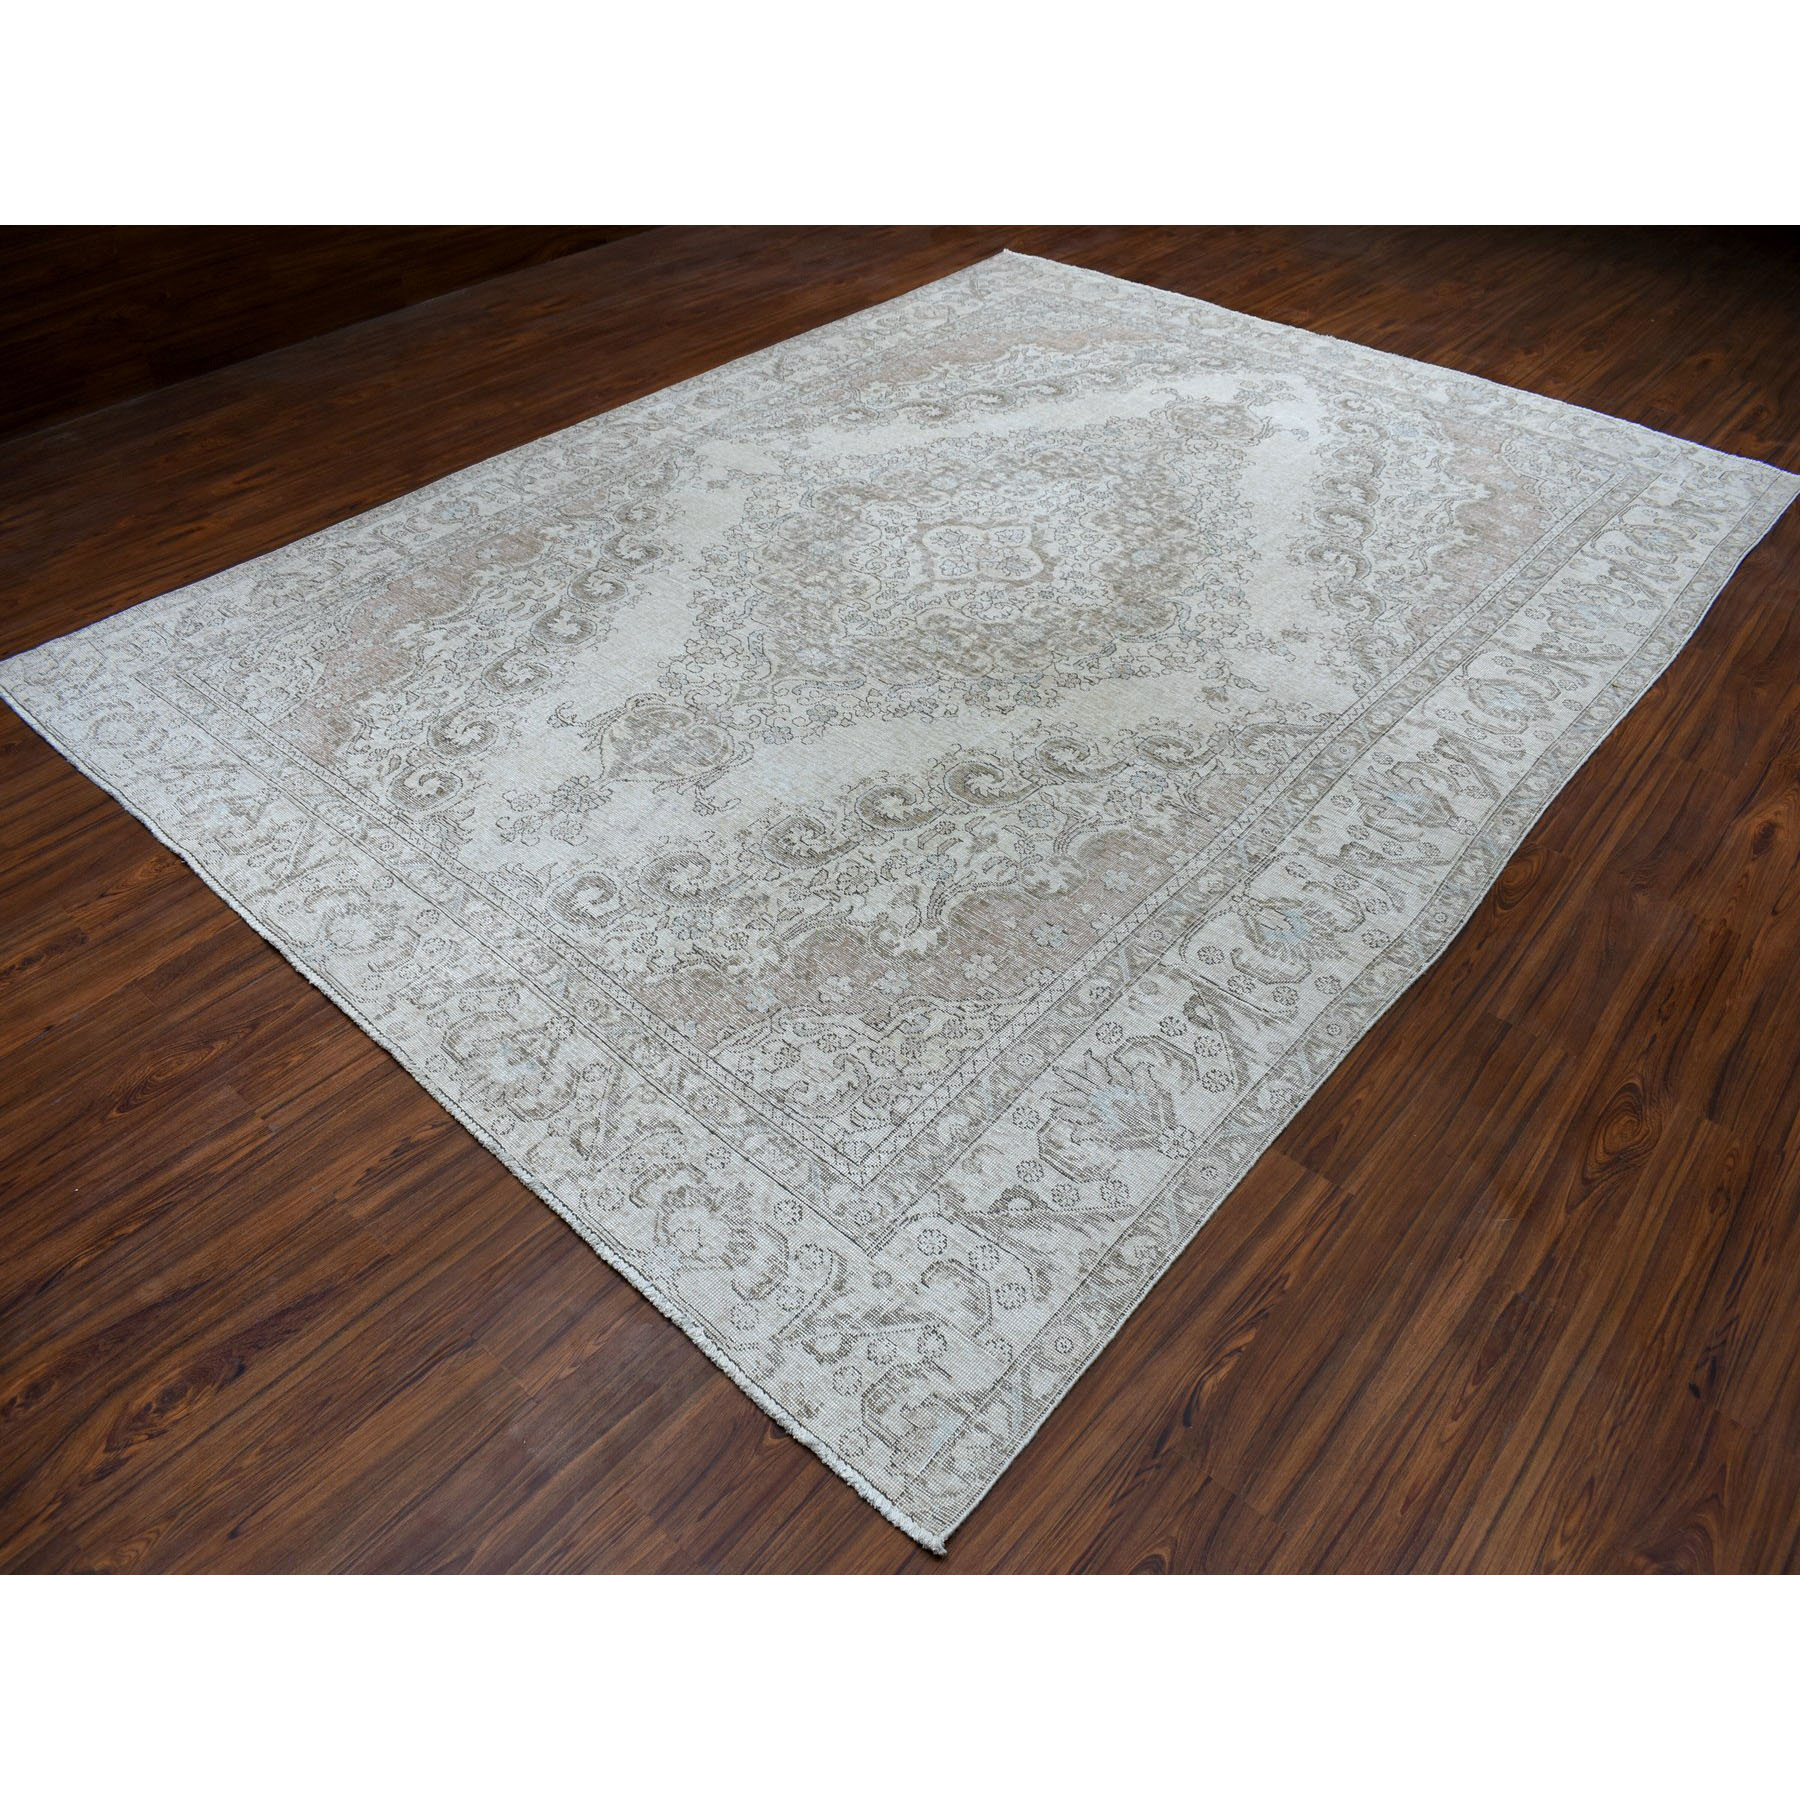 9-x12-1  Beige Vintage White Wash Tabriz Worn Wool Hand-Knotted Oriental Rug